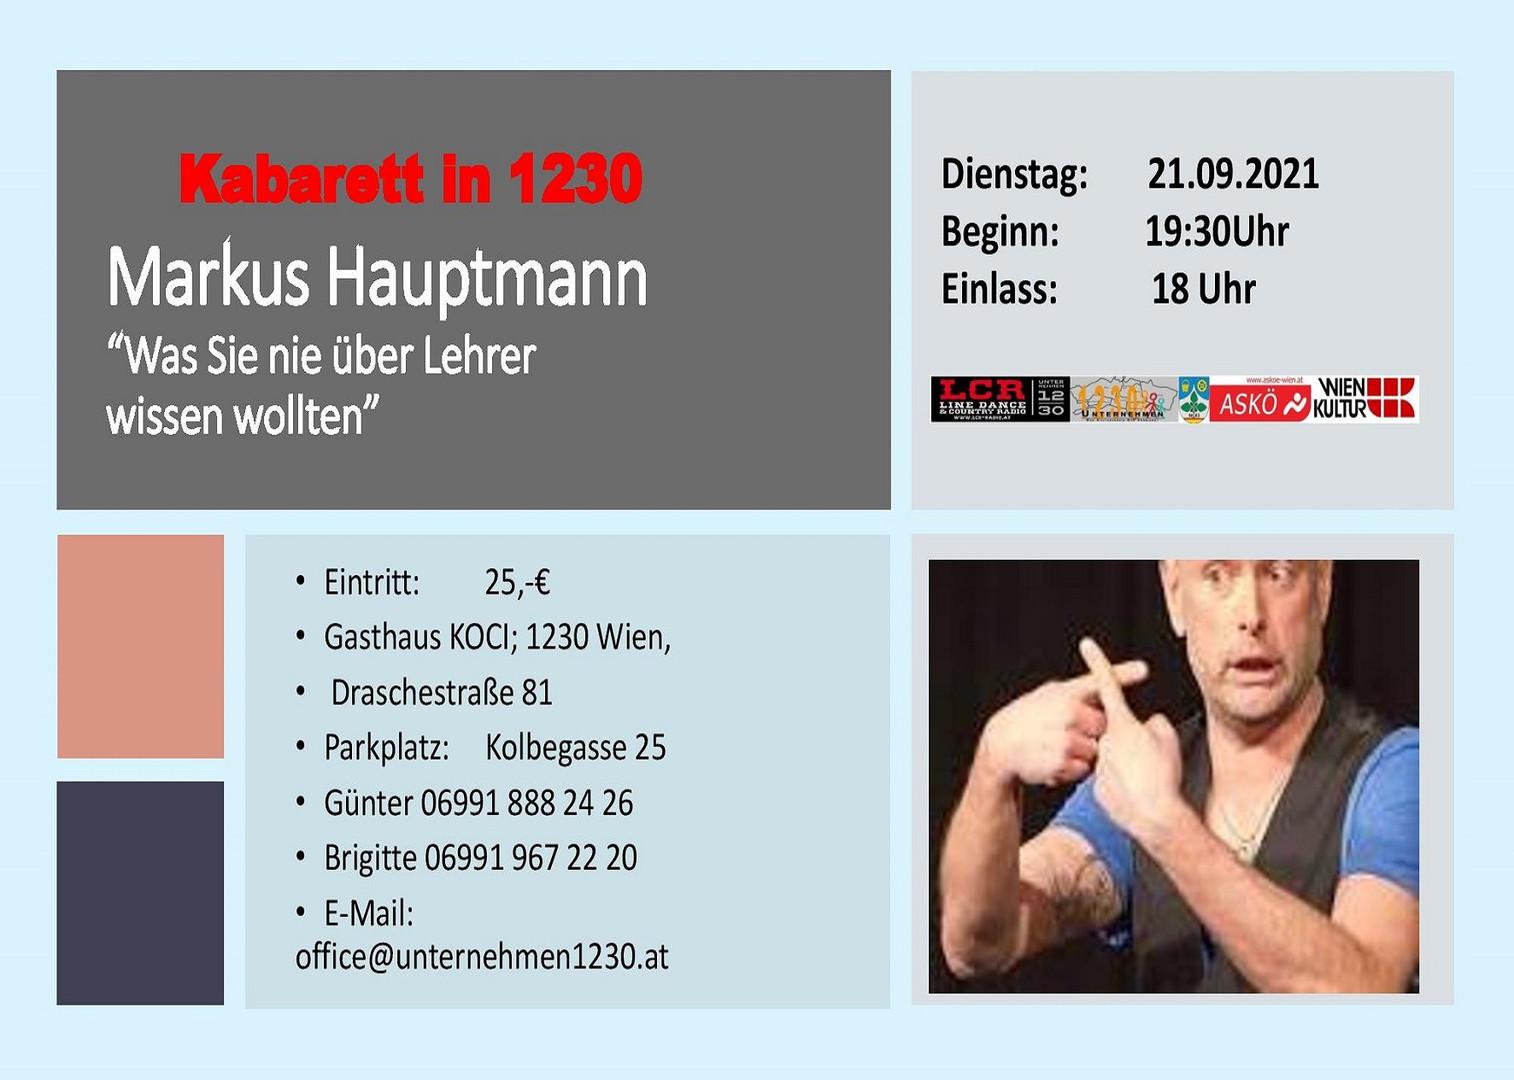 16. Markus Hauptmann, 21.09.2021-A6.jpg